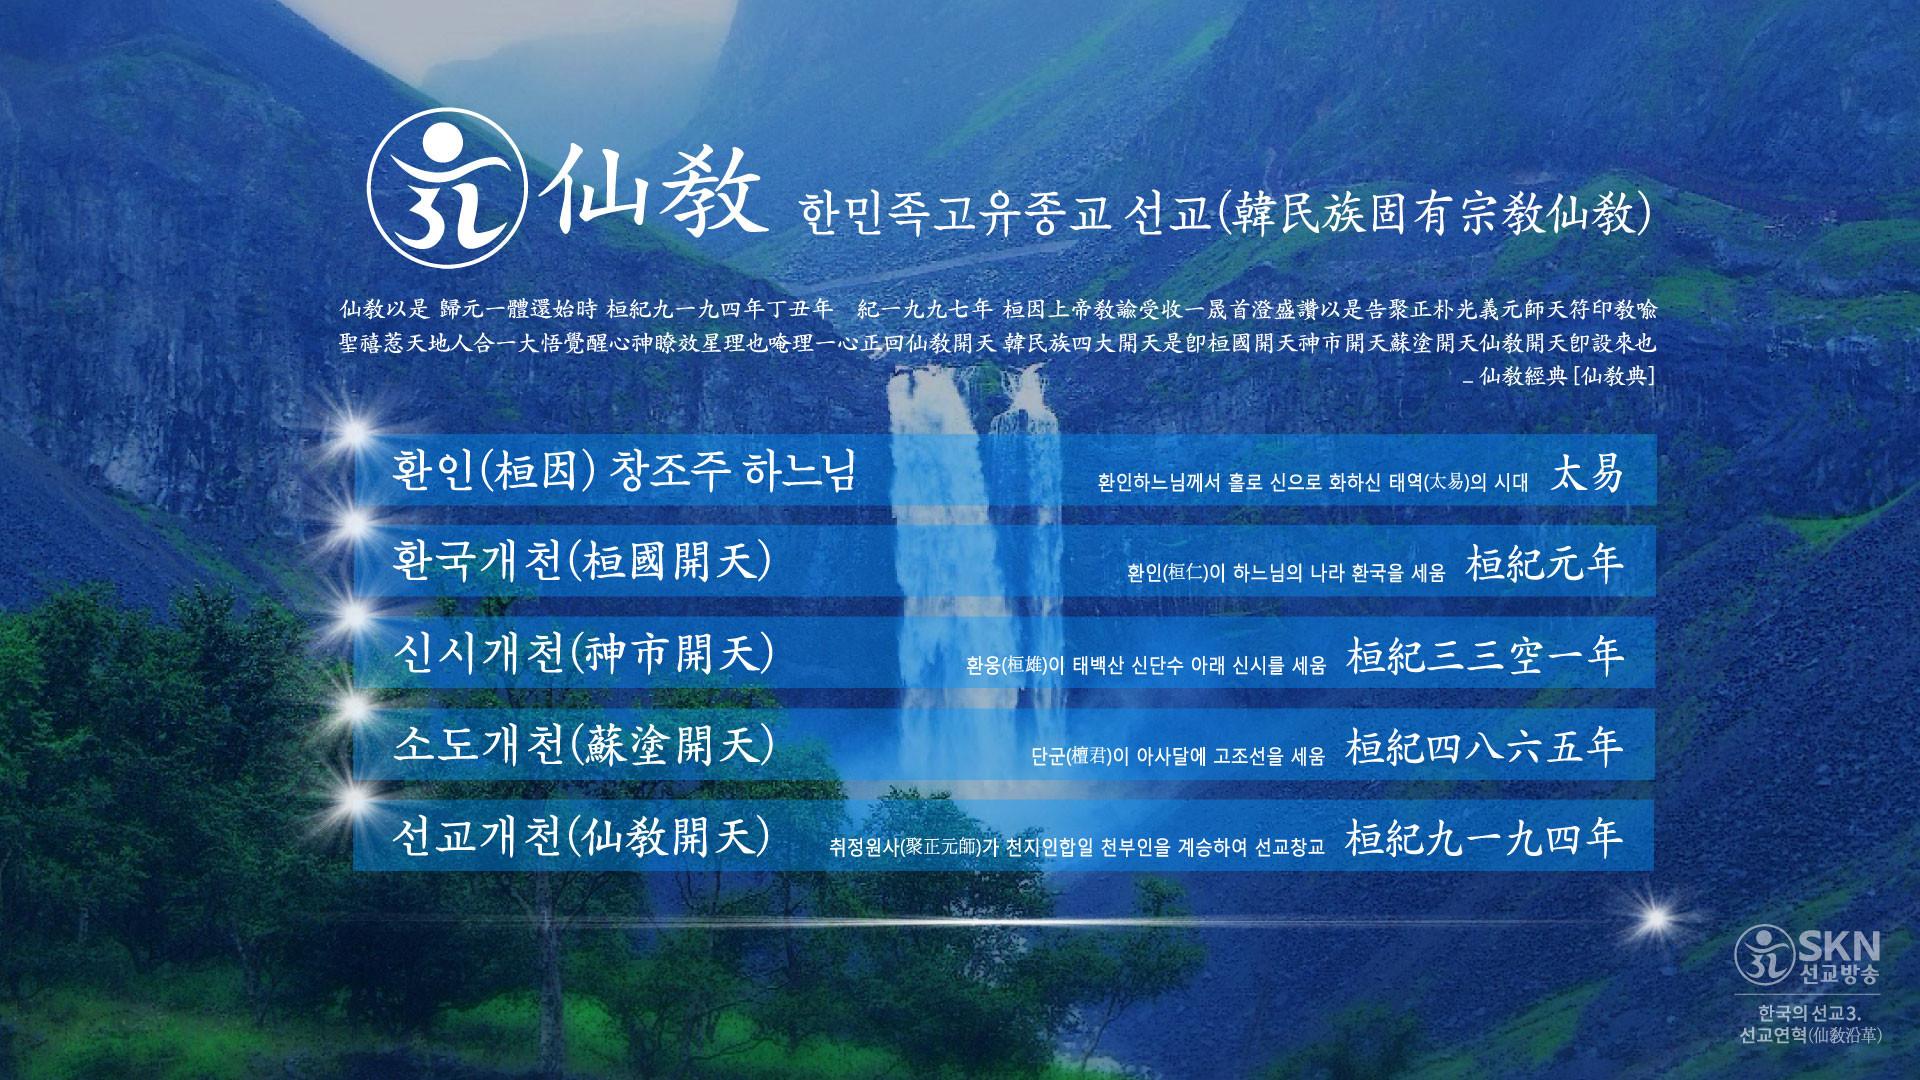 선교, 취정원사, 민족종교 선교, 한국의 선교, 仙敎, 한국의 선교